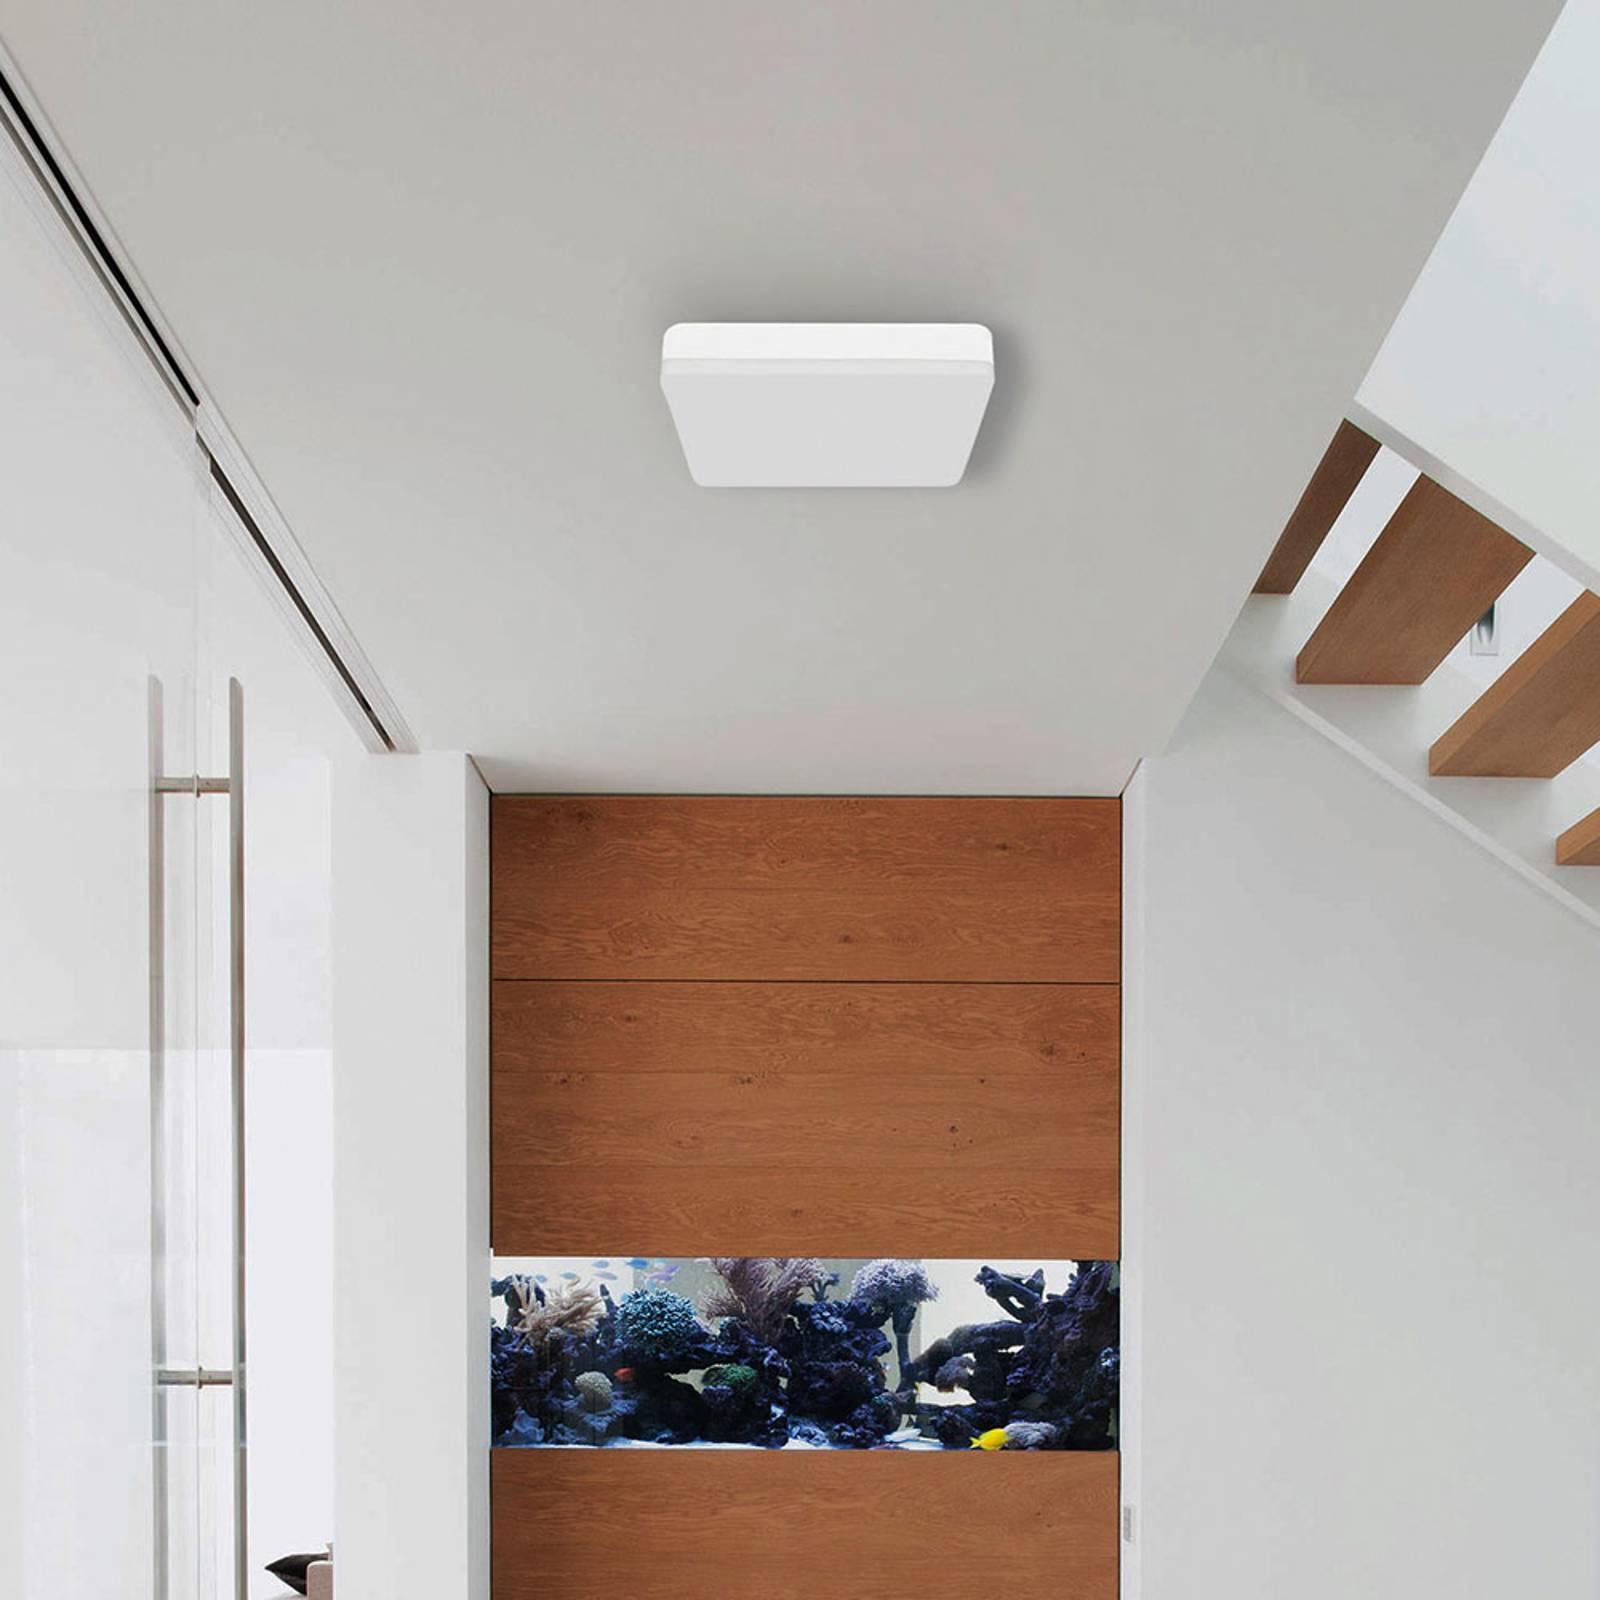 Kylpyhuoneen LED-kattolamppu Square tunnistimella